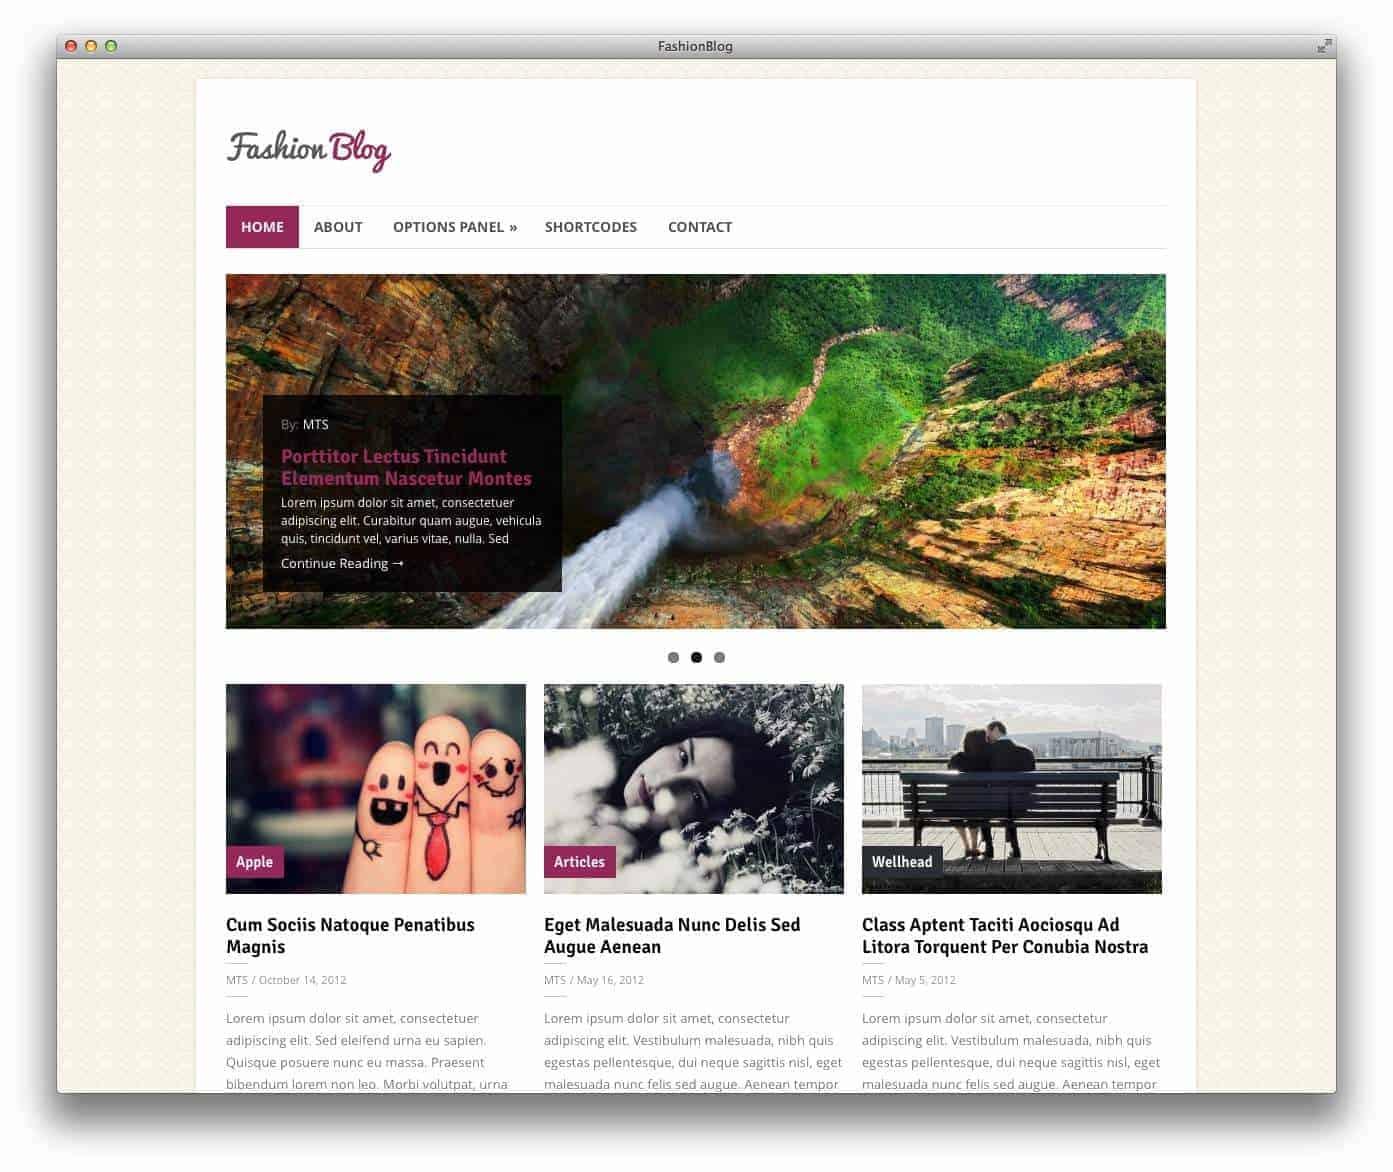 fashionblog-wordpress-theme